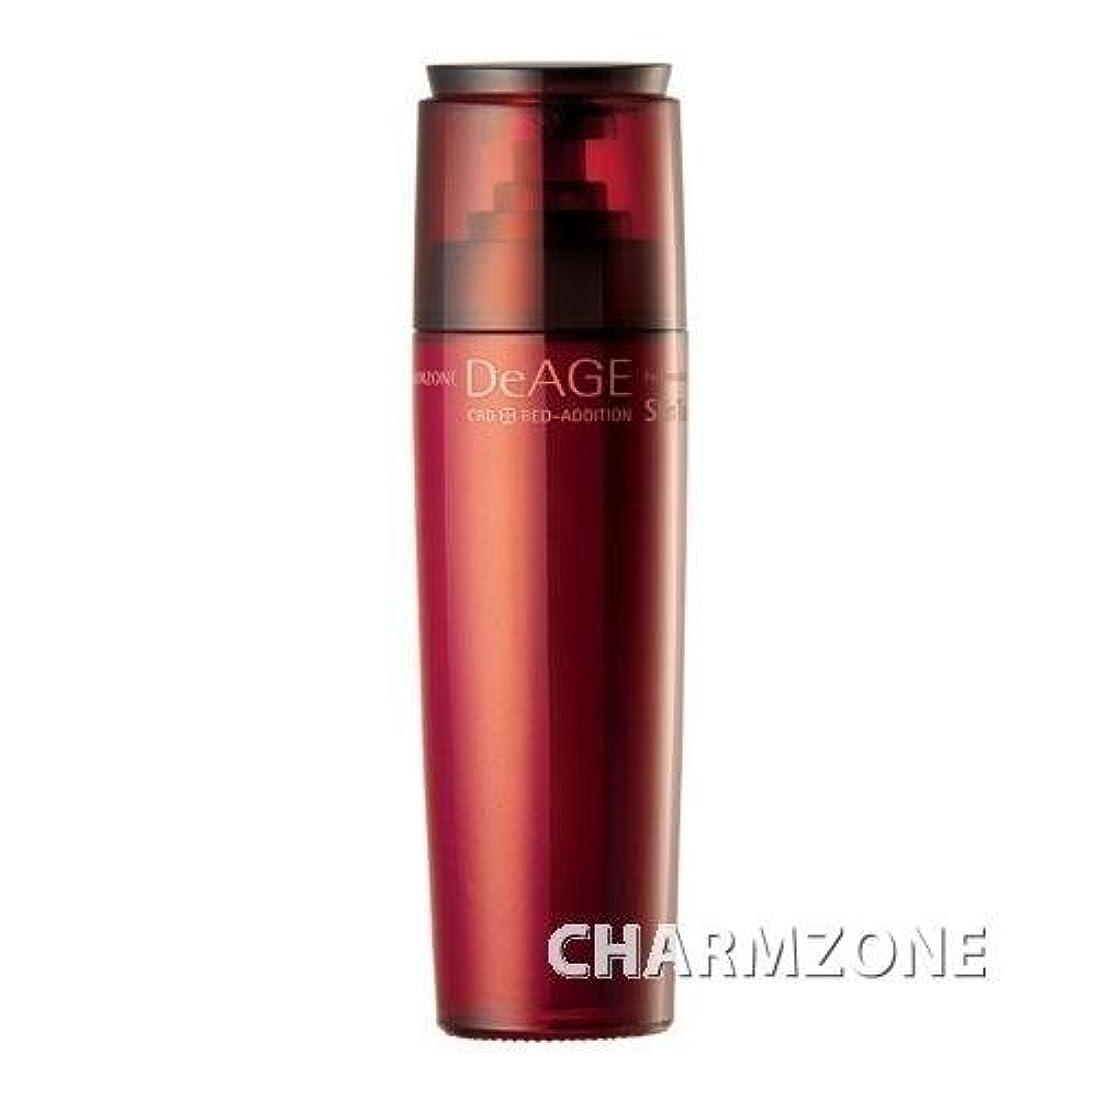 大乱れ緊張するCHARMZONE DeAGE RED-ADDITION Skin Toner [Korean Import]